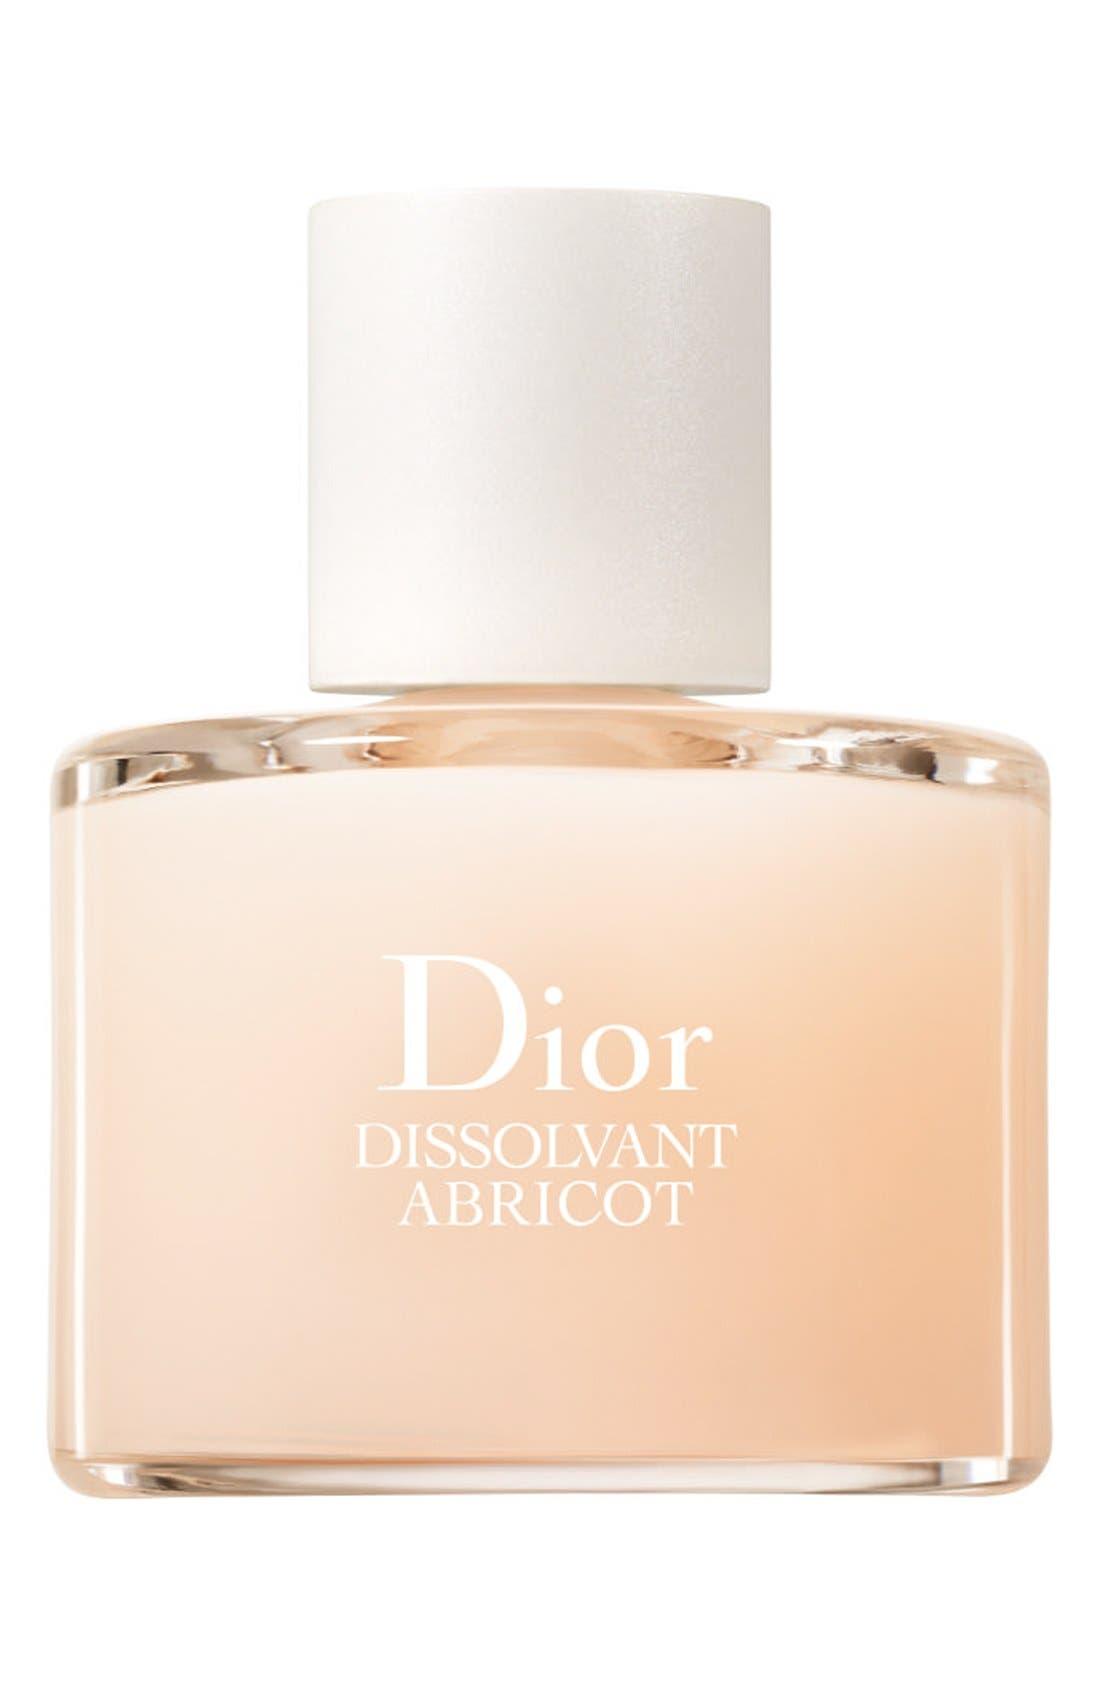 Dior 'Dissolvant Abricot' Nail Polish Remover